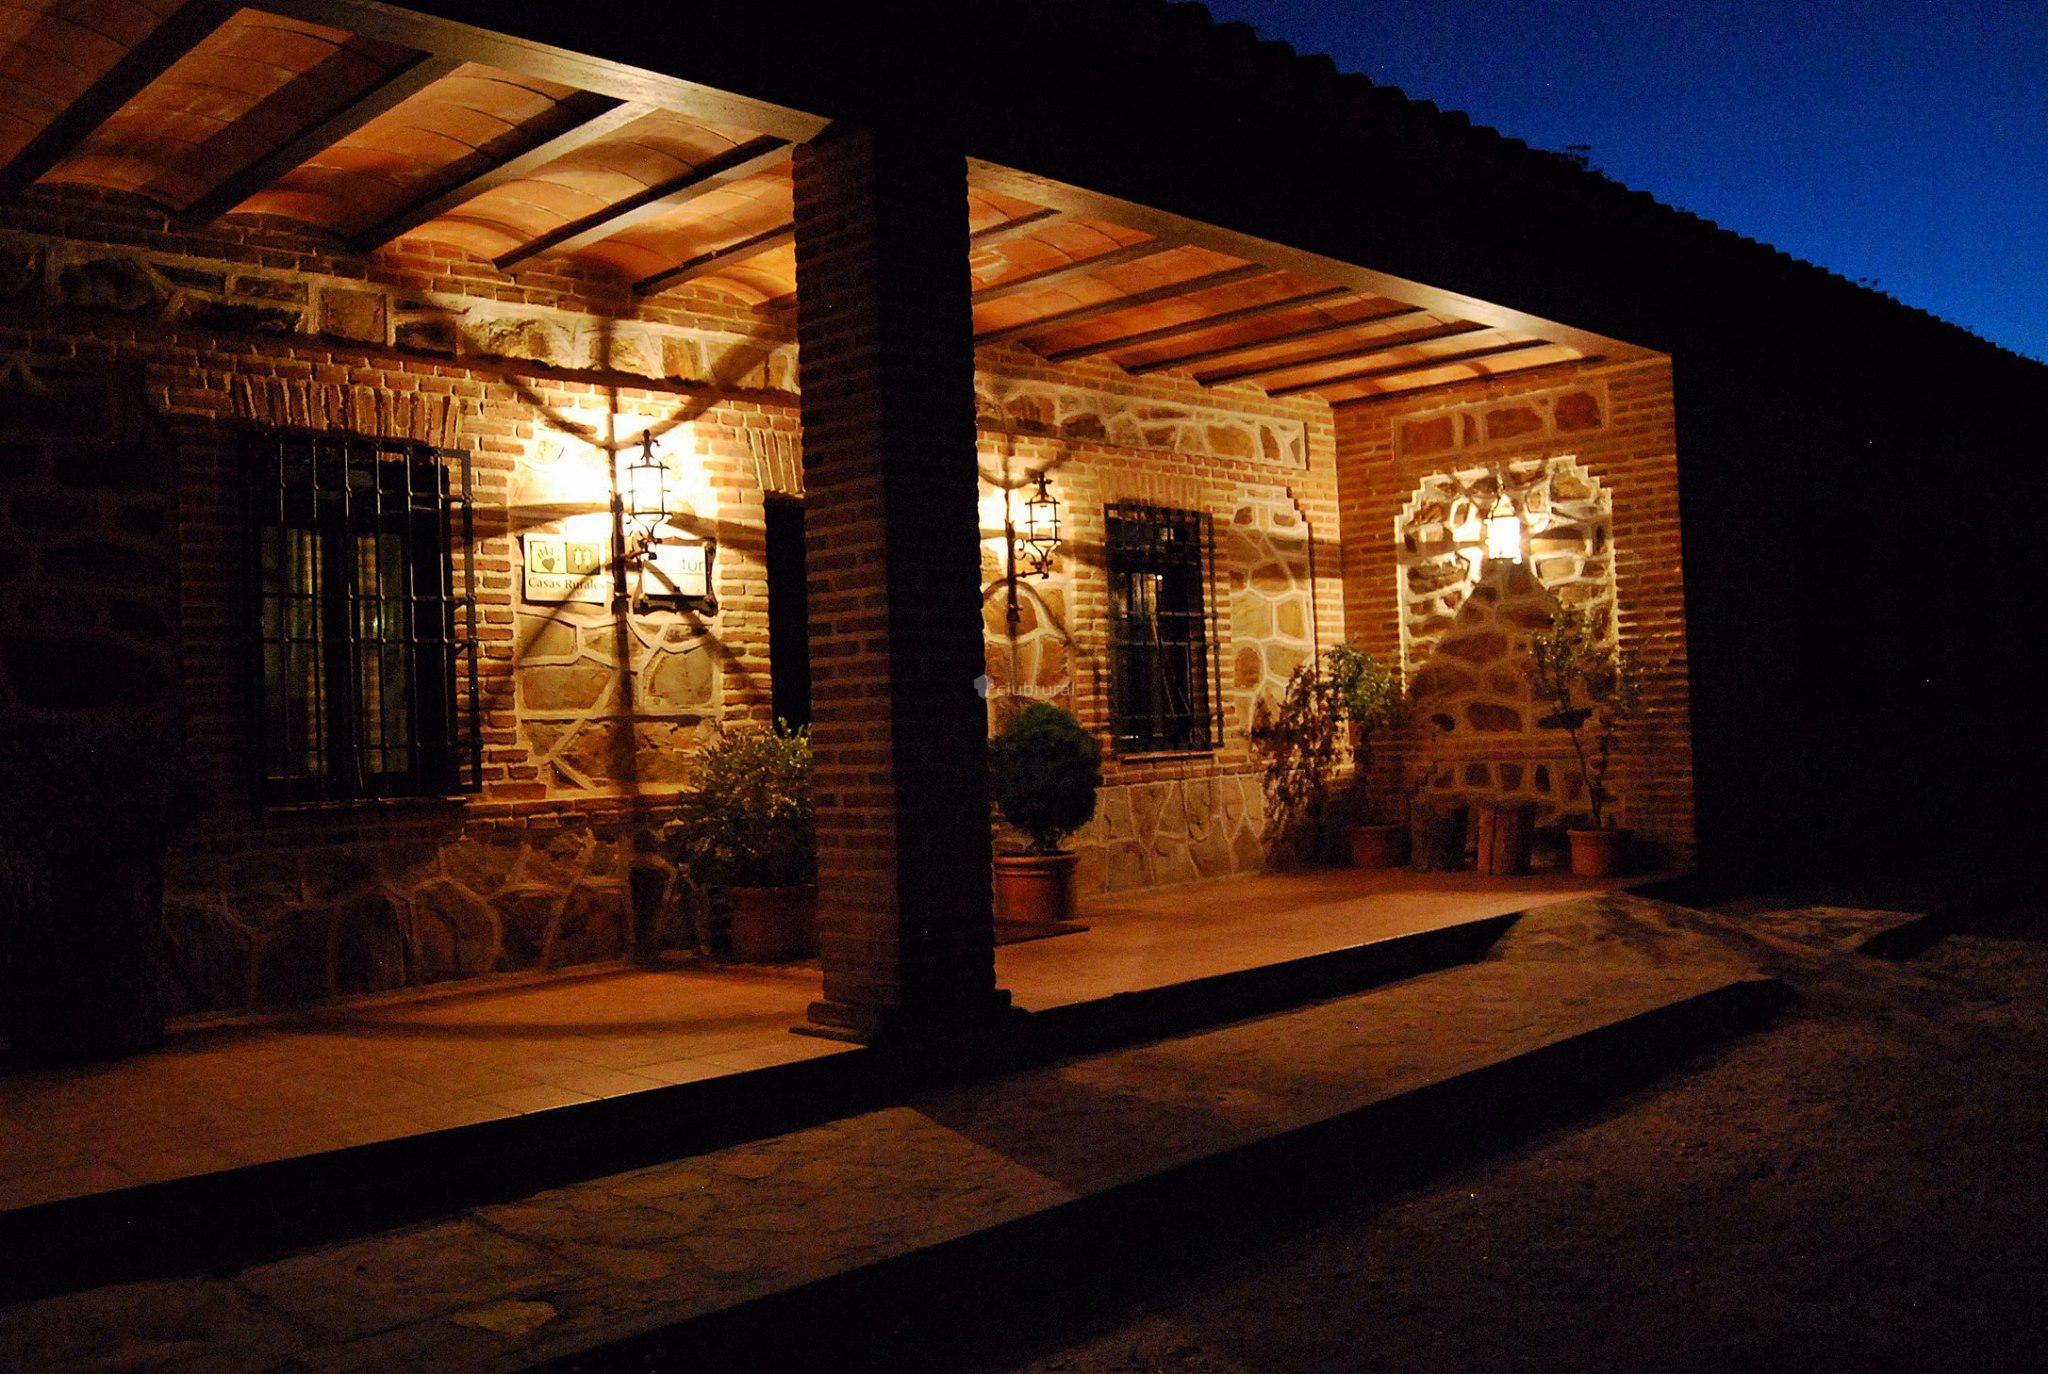 131578_casa-rural-las-becerras_1445599183_o.jpg